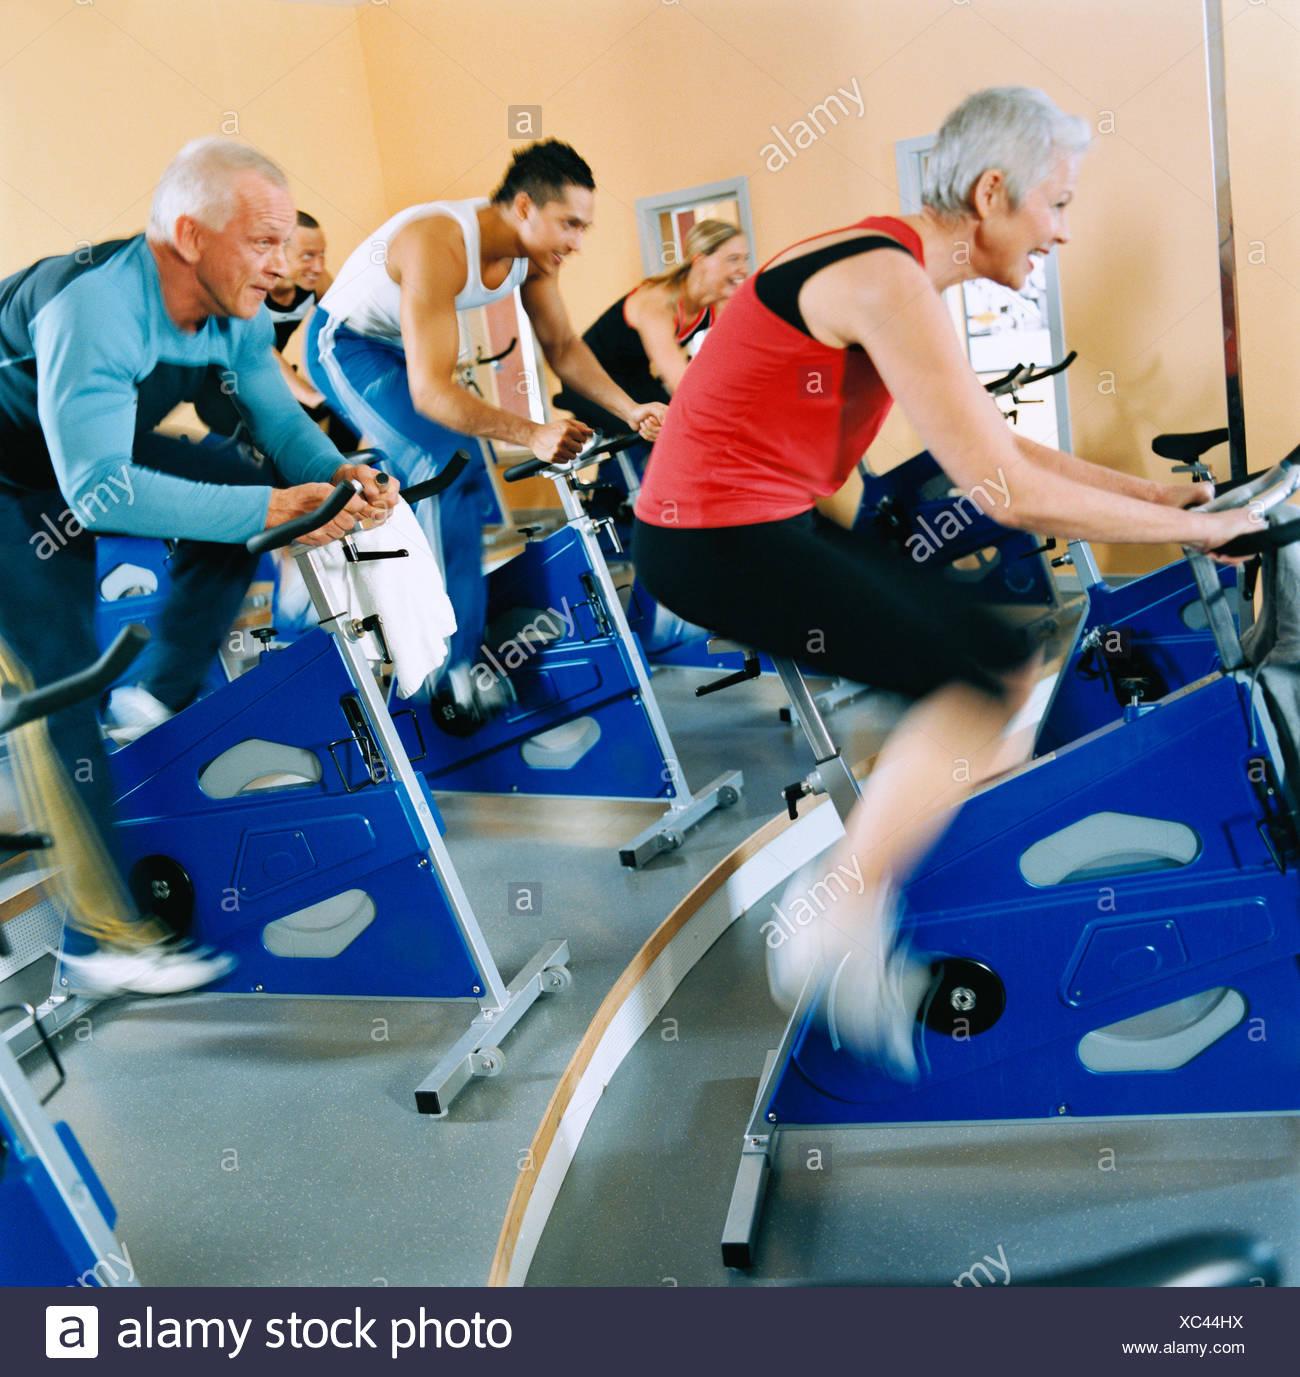 20-24 Jahre 30-34 Jahre Aktivität Erwachsene einzige Athlet Fahrrad Bodybuilding Farbe Bild Zyklus fünf Gesundheit Fitness-Studio trainieren Stockbild